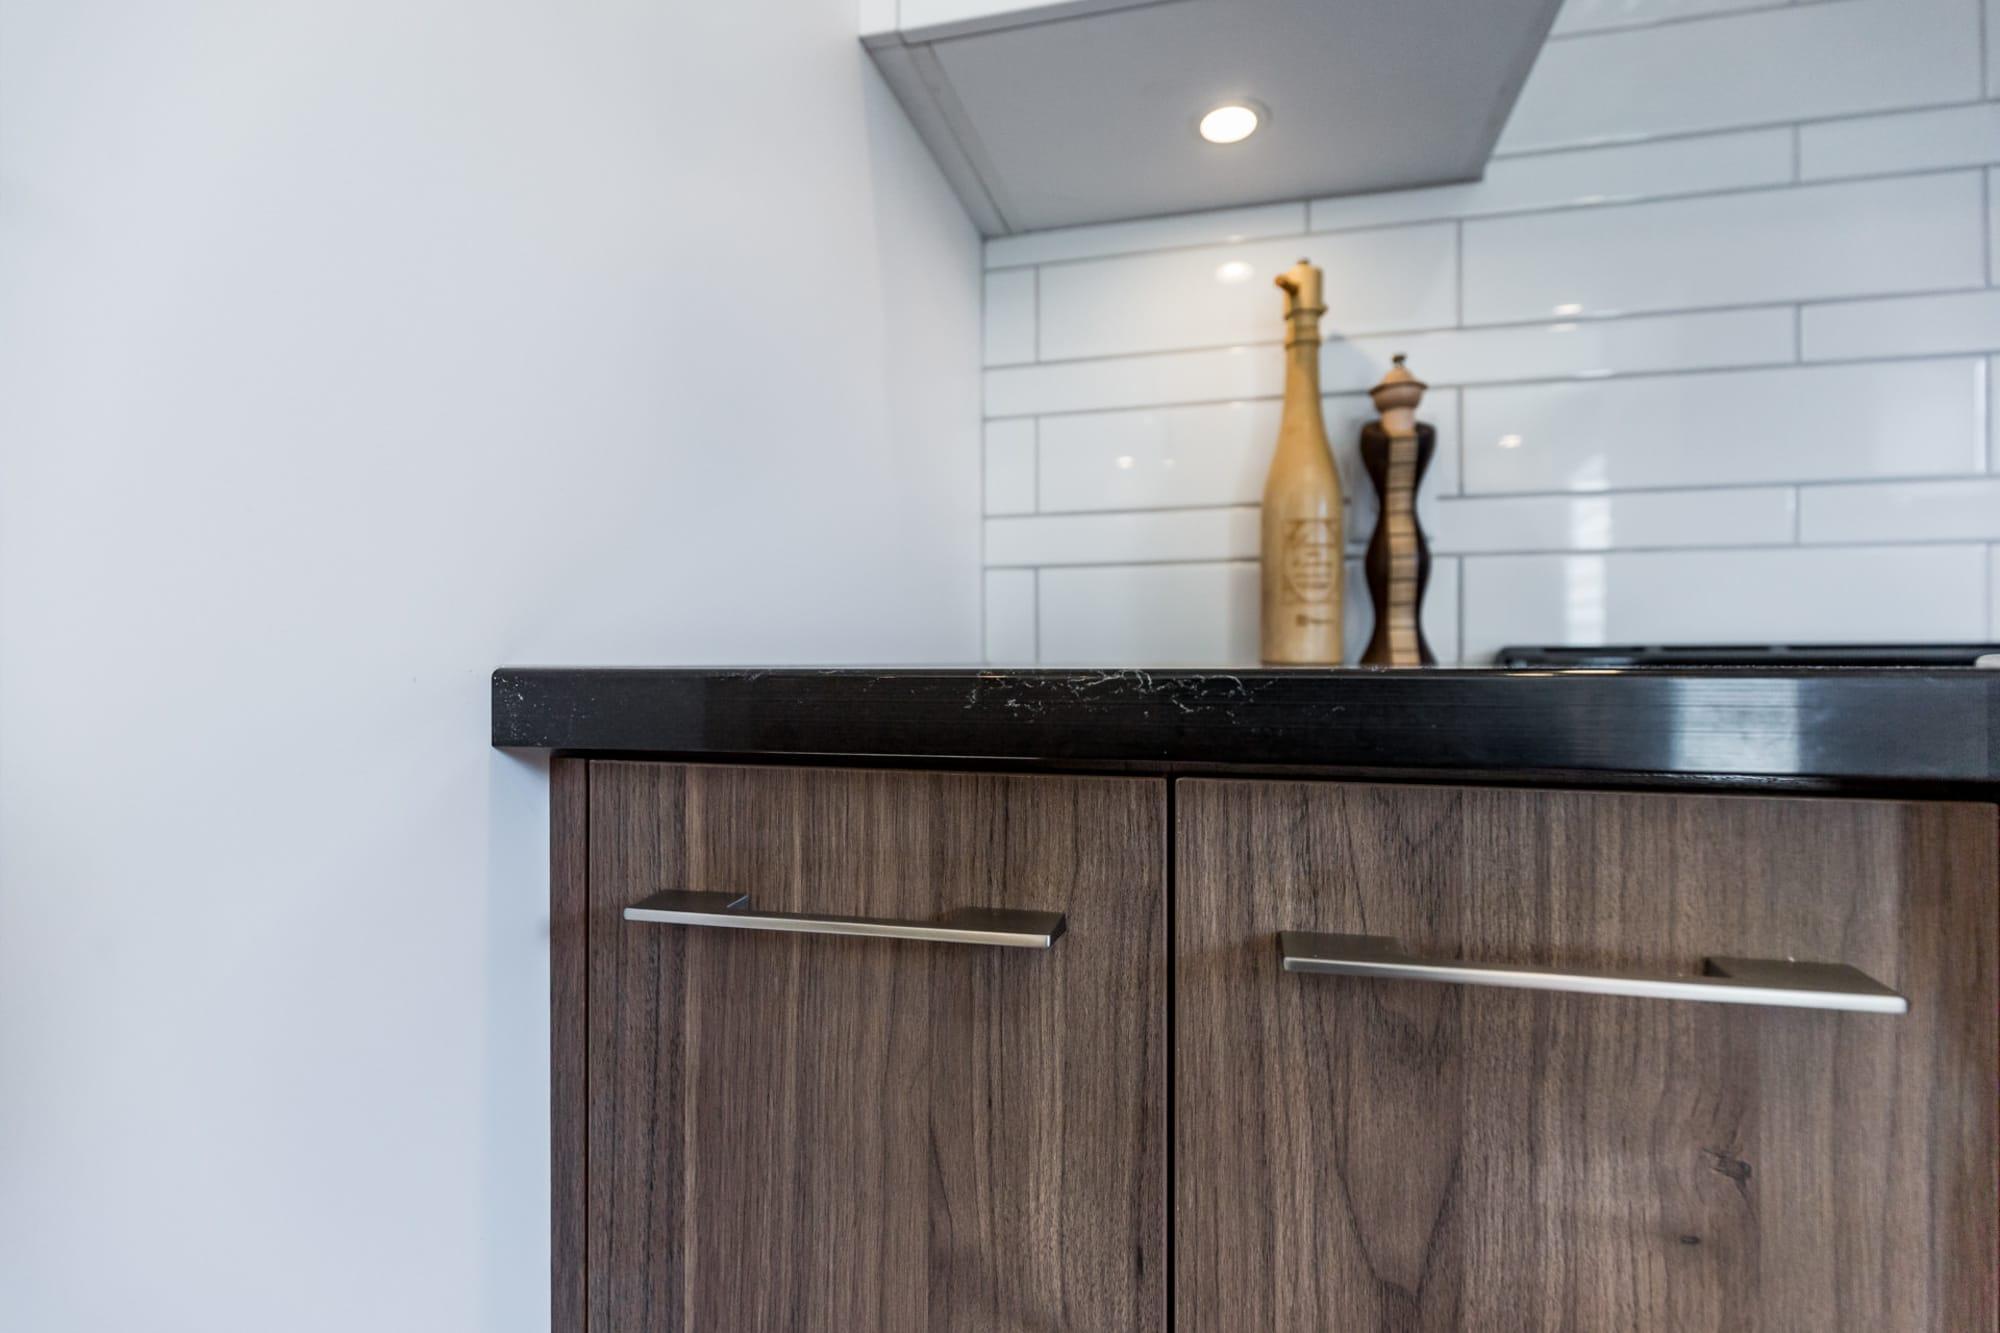 armoire de cuisine en mélamine (imitation de noyer) et comptoir en quartz noir